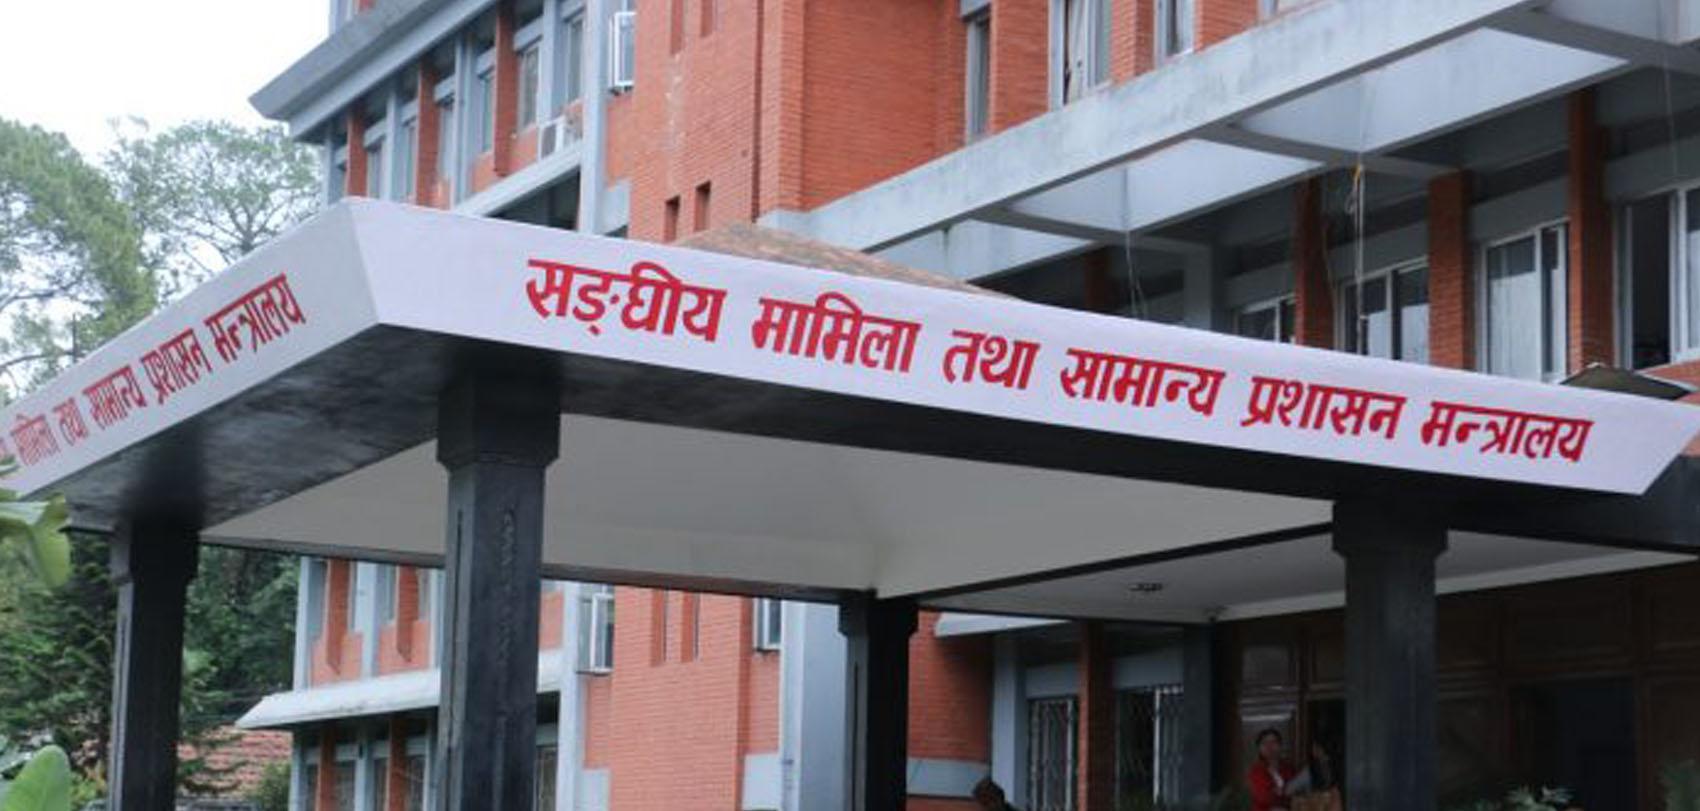 स्थानीय तहद्वारा केन्द्र सरकारसँग १० हजार कर्मचारीको माग